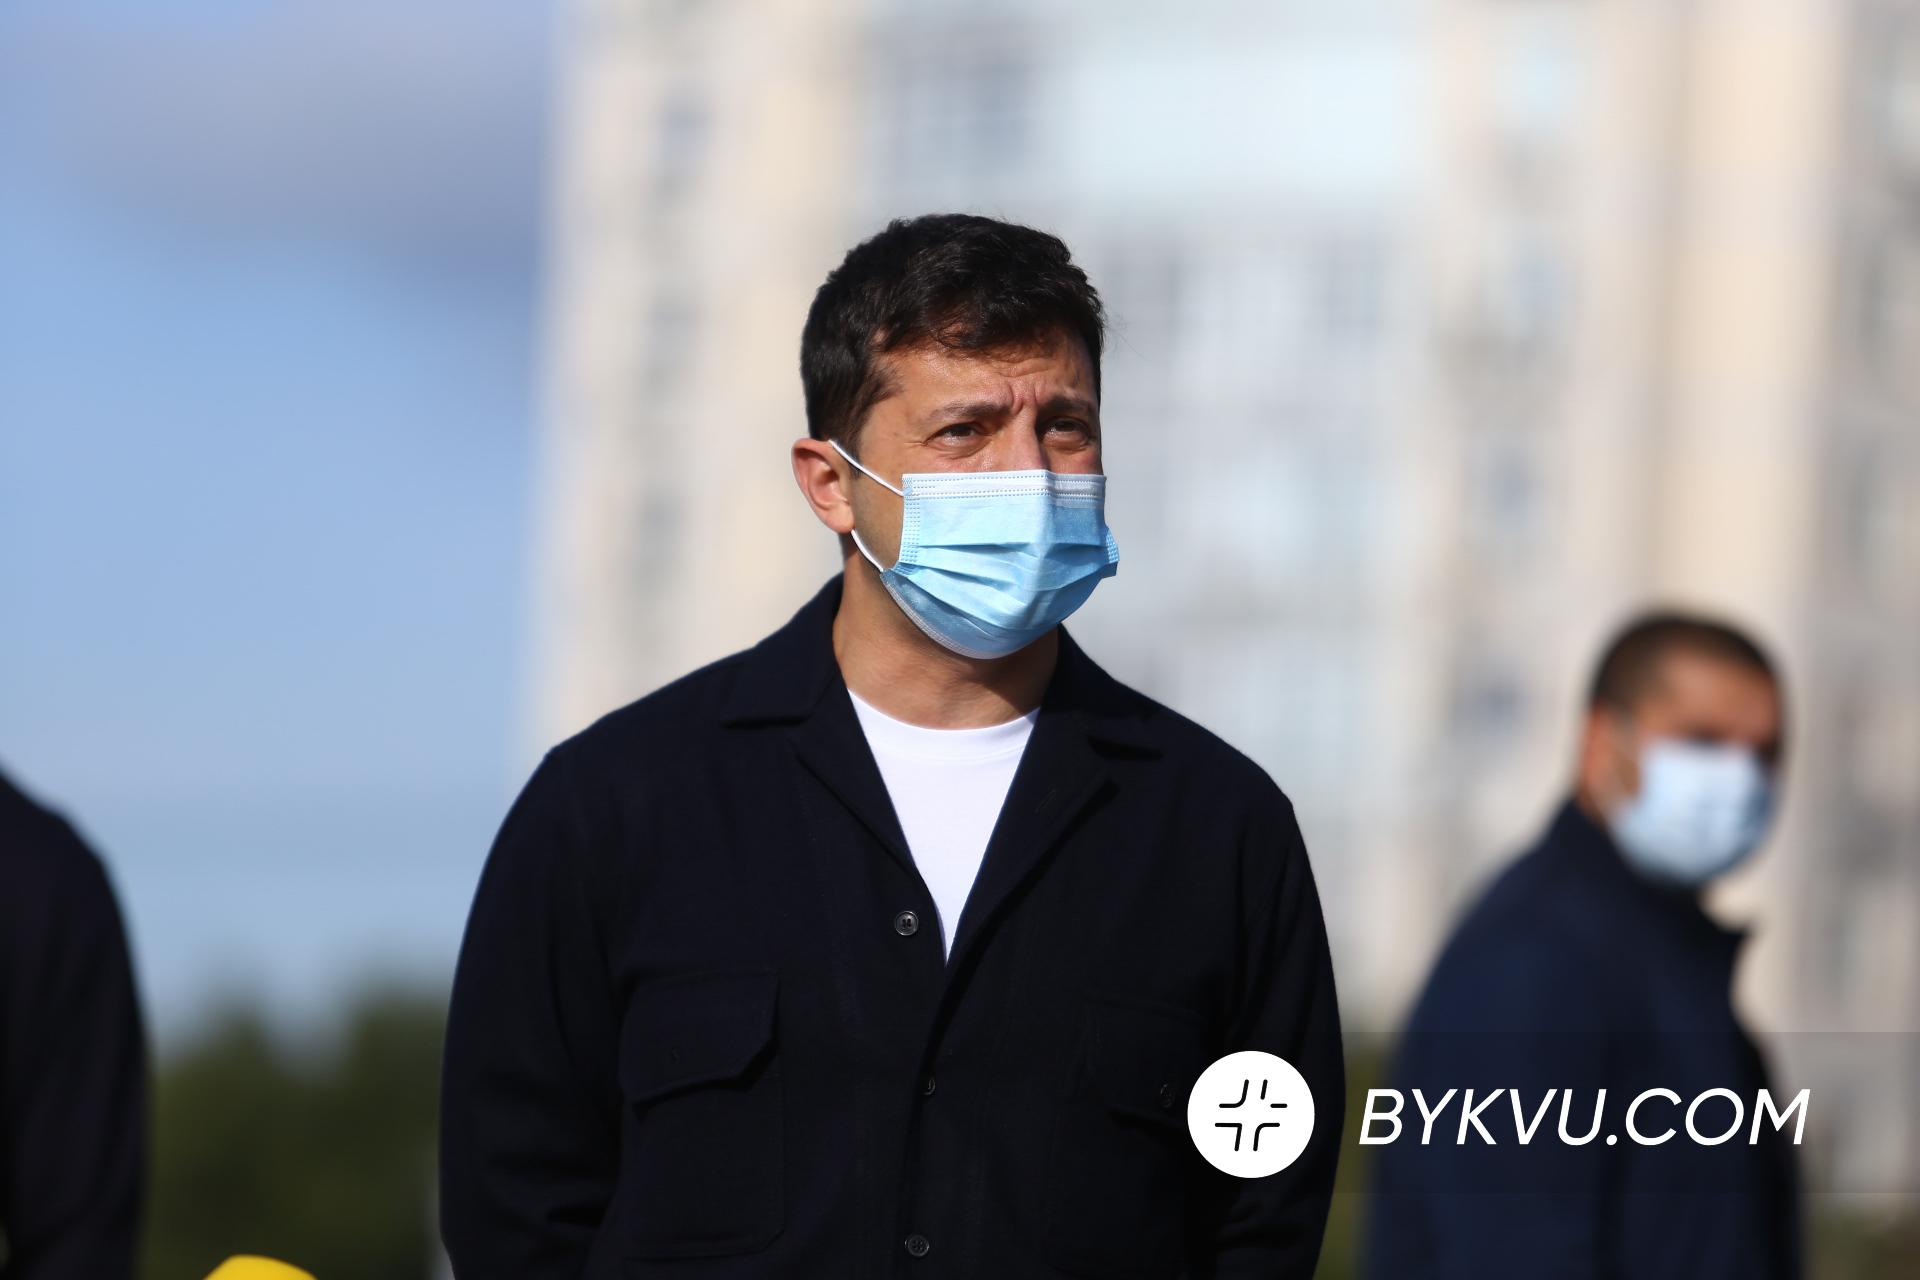 Володимир Зеленський на місцевих виборах 25 жовтня